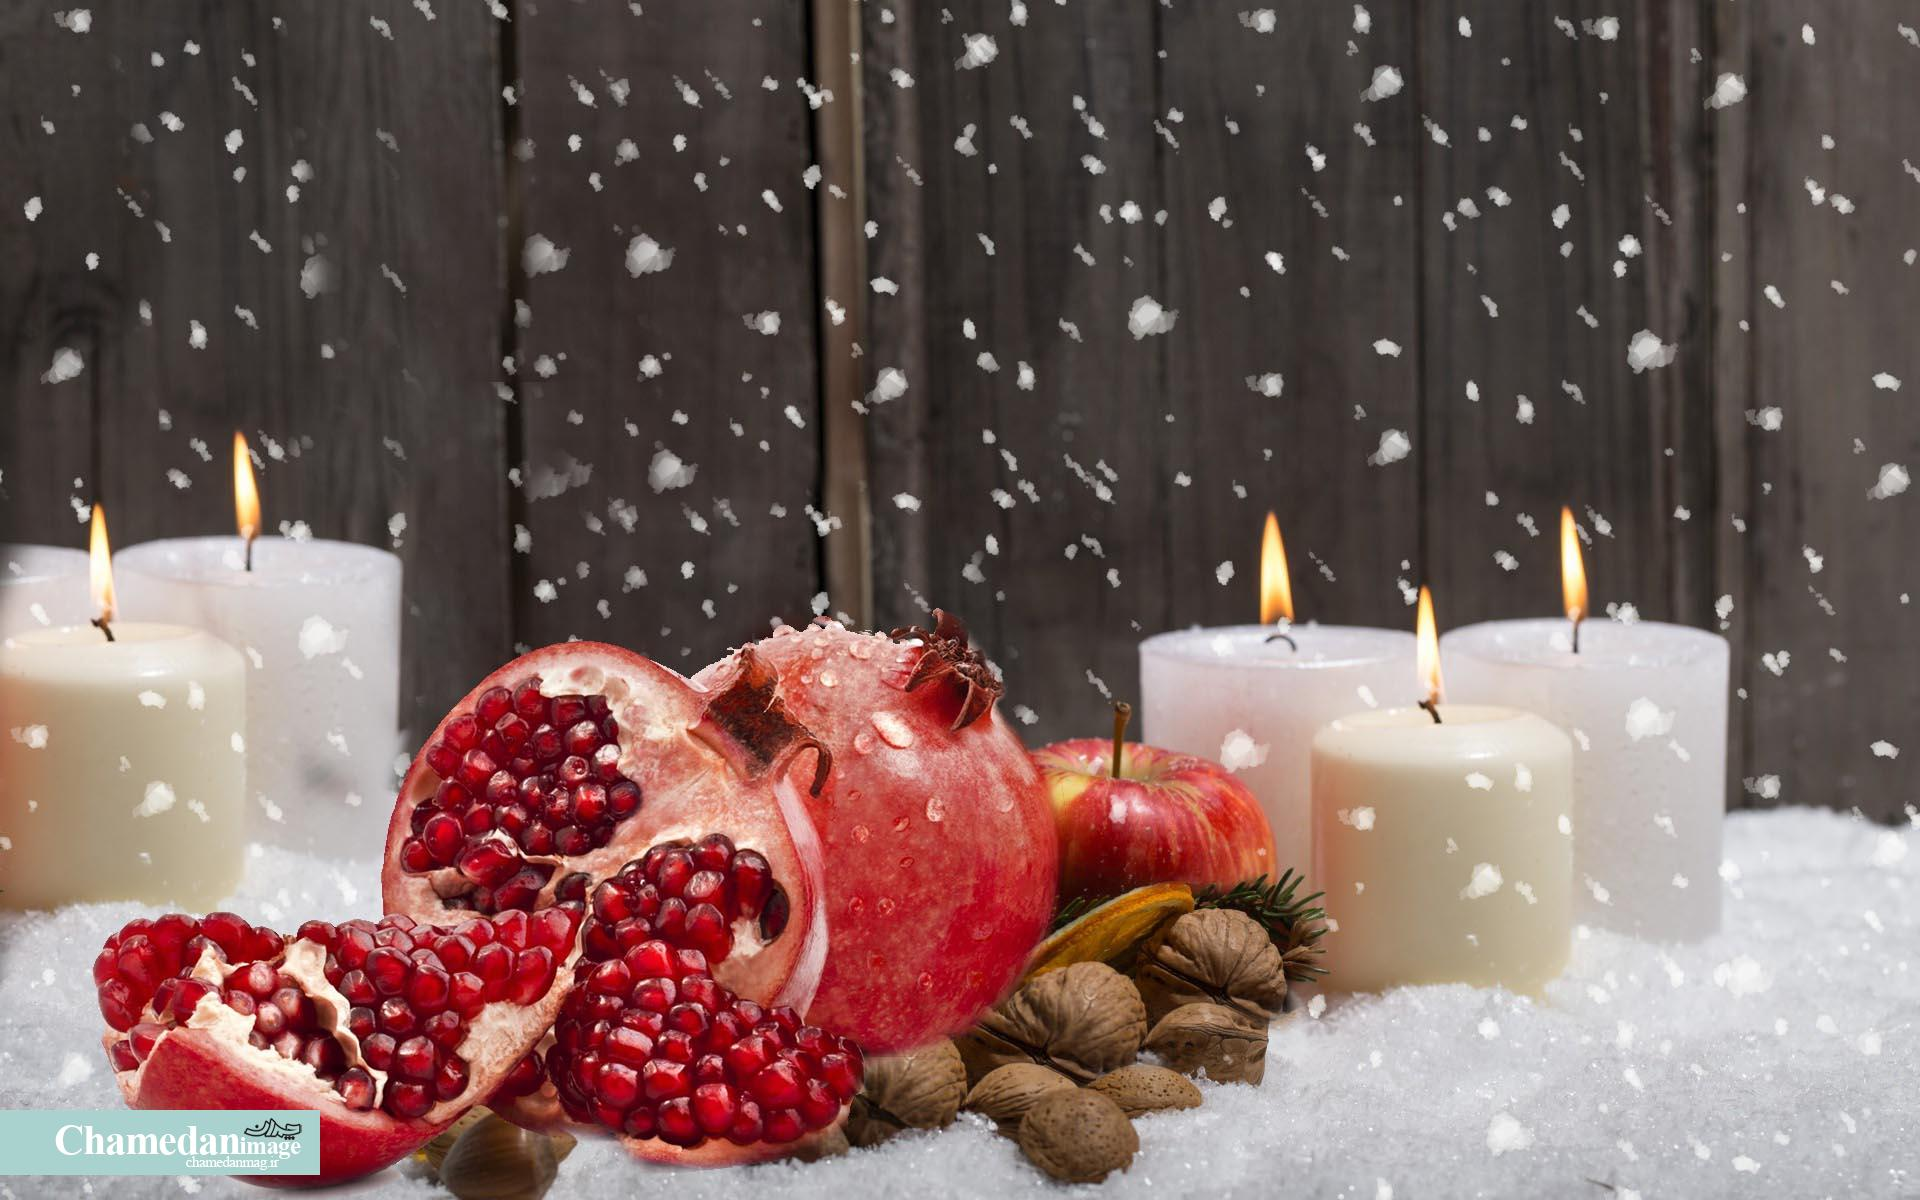 زمستان در فرهنگ مردم قدیم